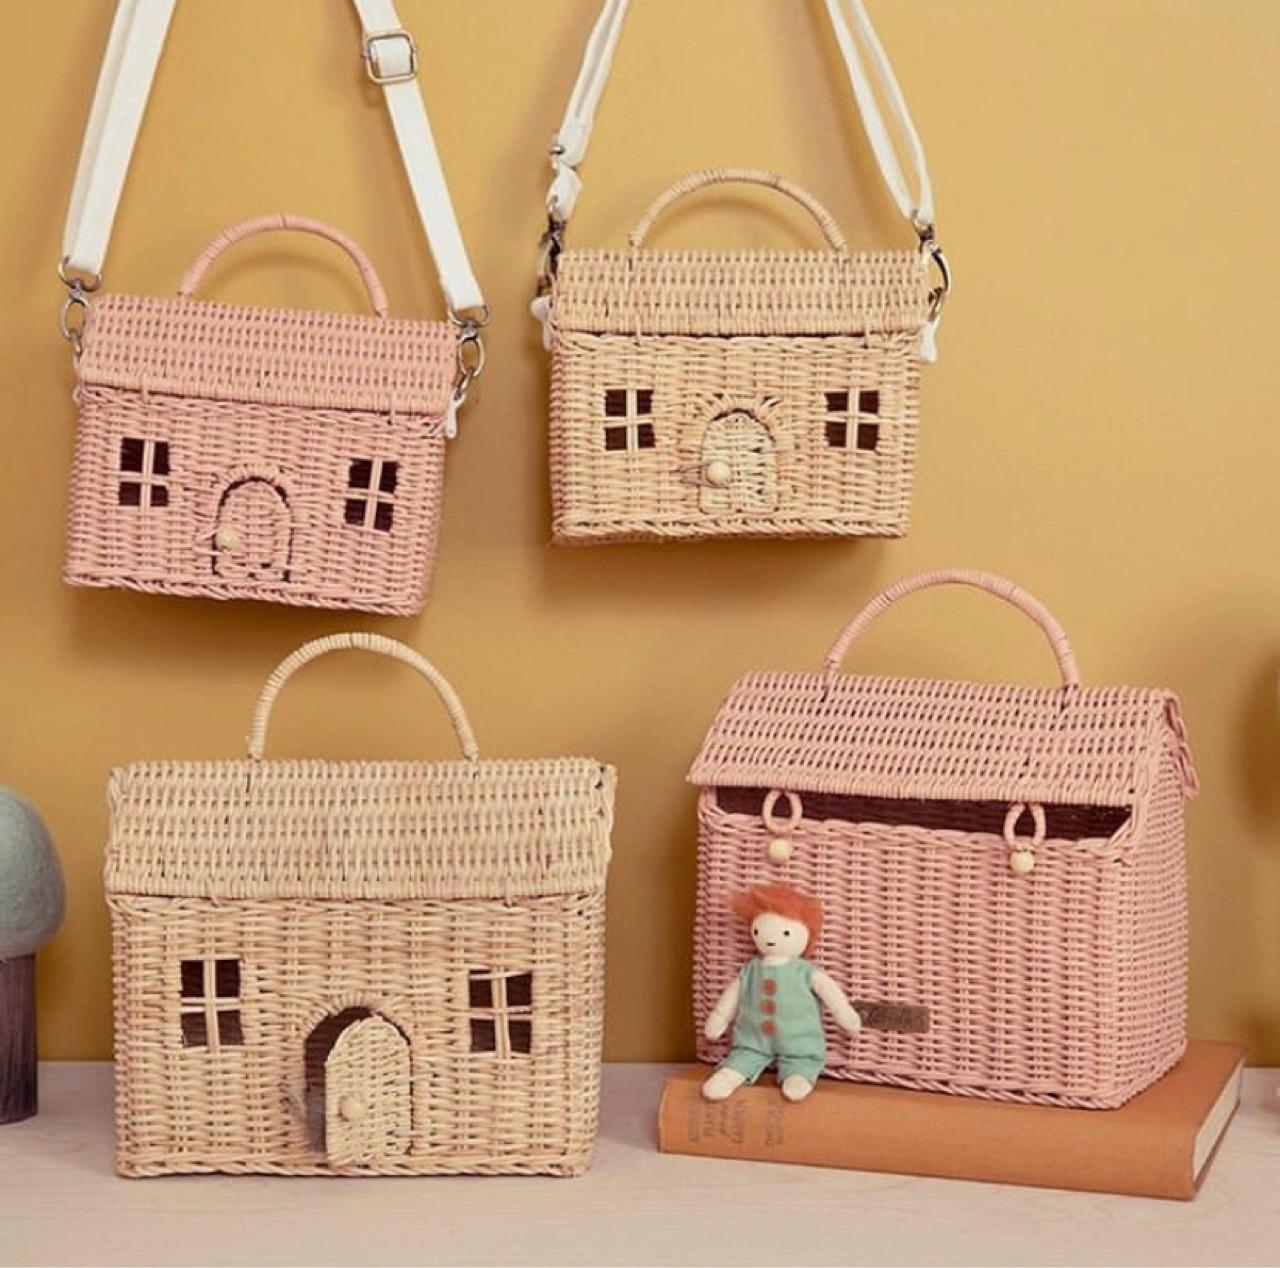 Crianças artesanais rattan saco tecido pequena casa sacos de ombro fotografia saco de palha mensageiros